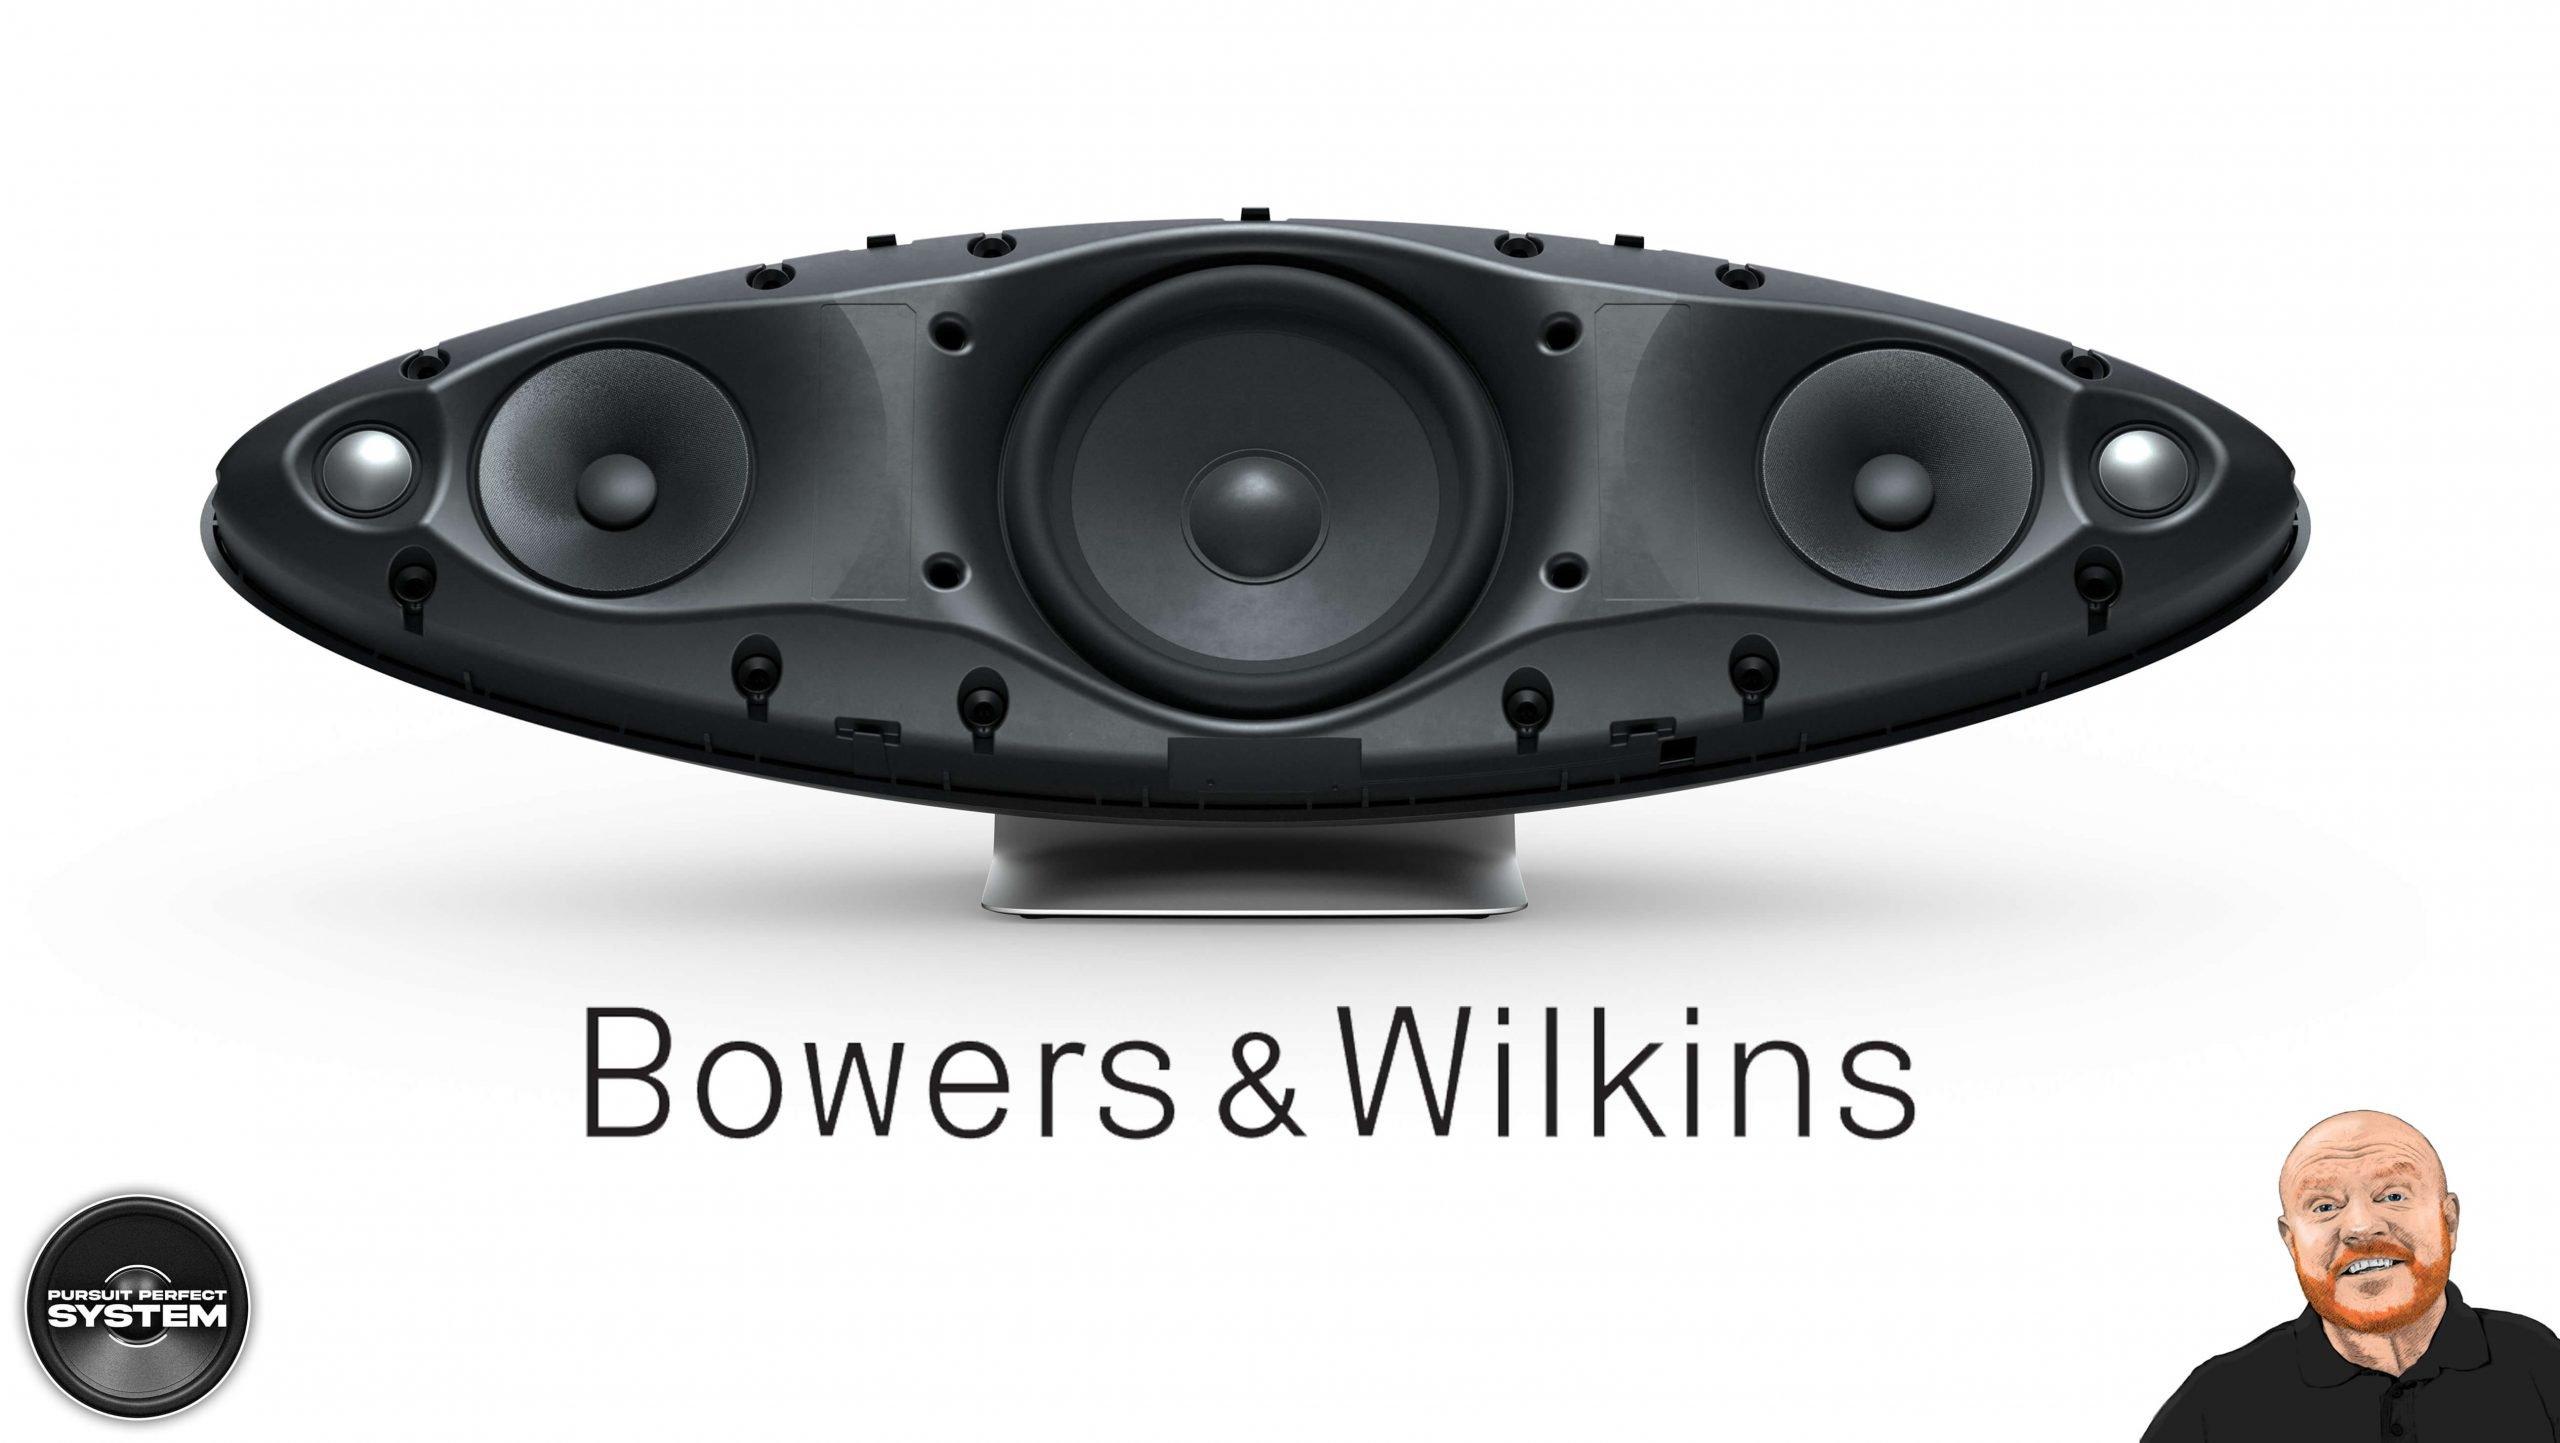 bowers & wilkins zeppelin wireless bluetooth speaker website 1